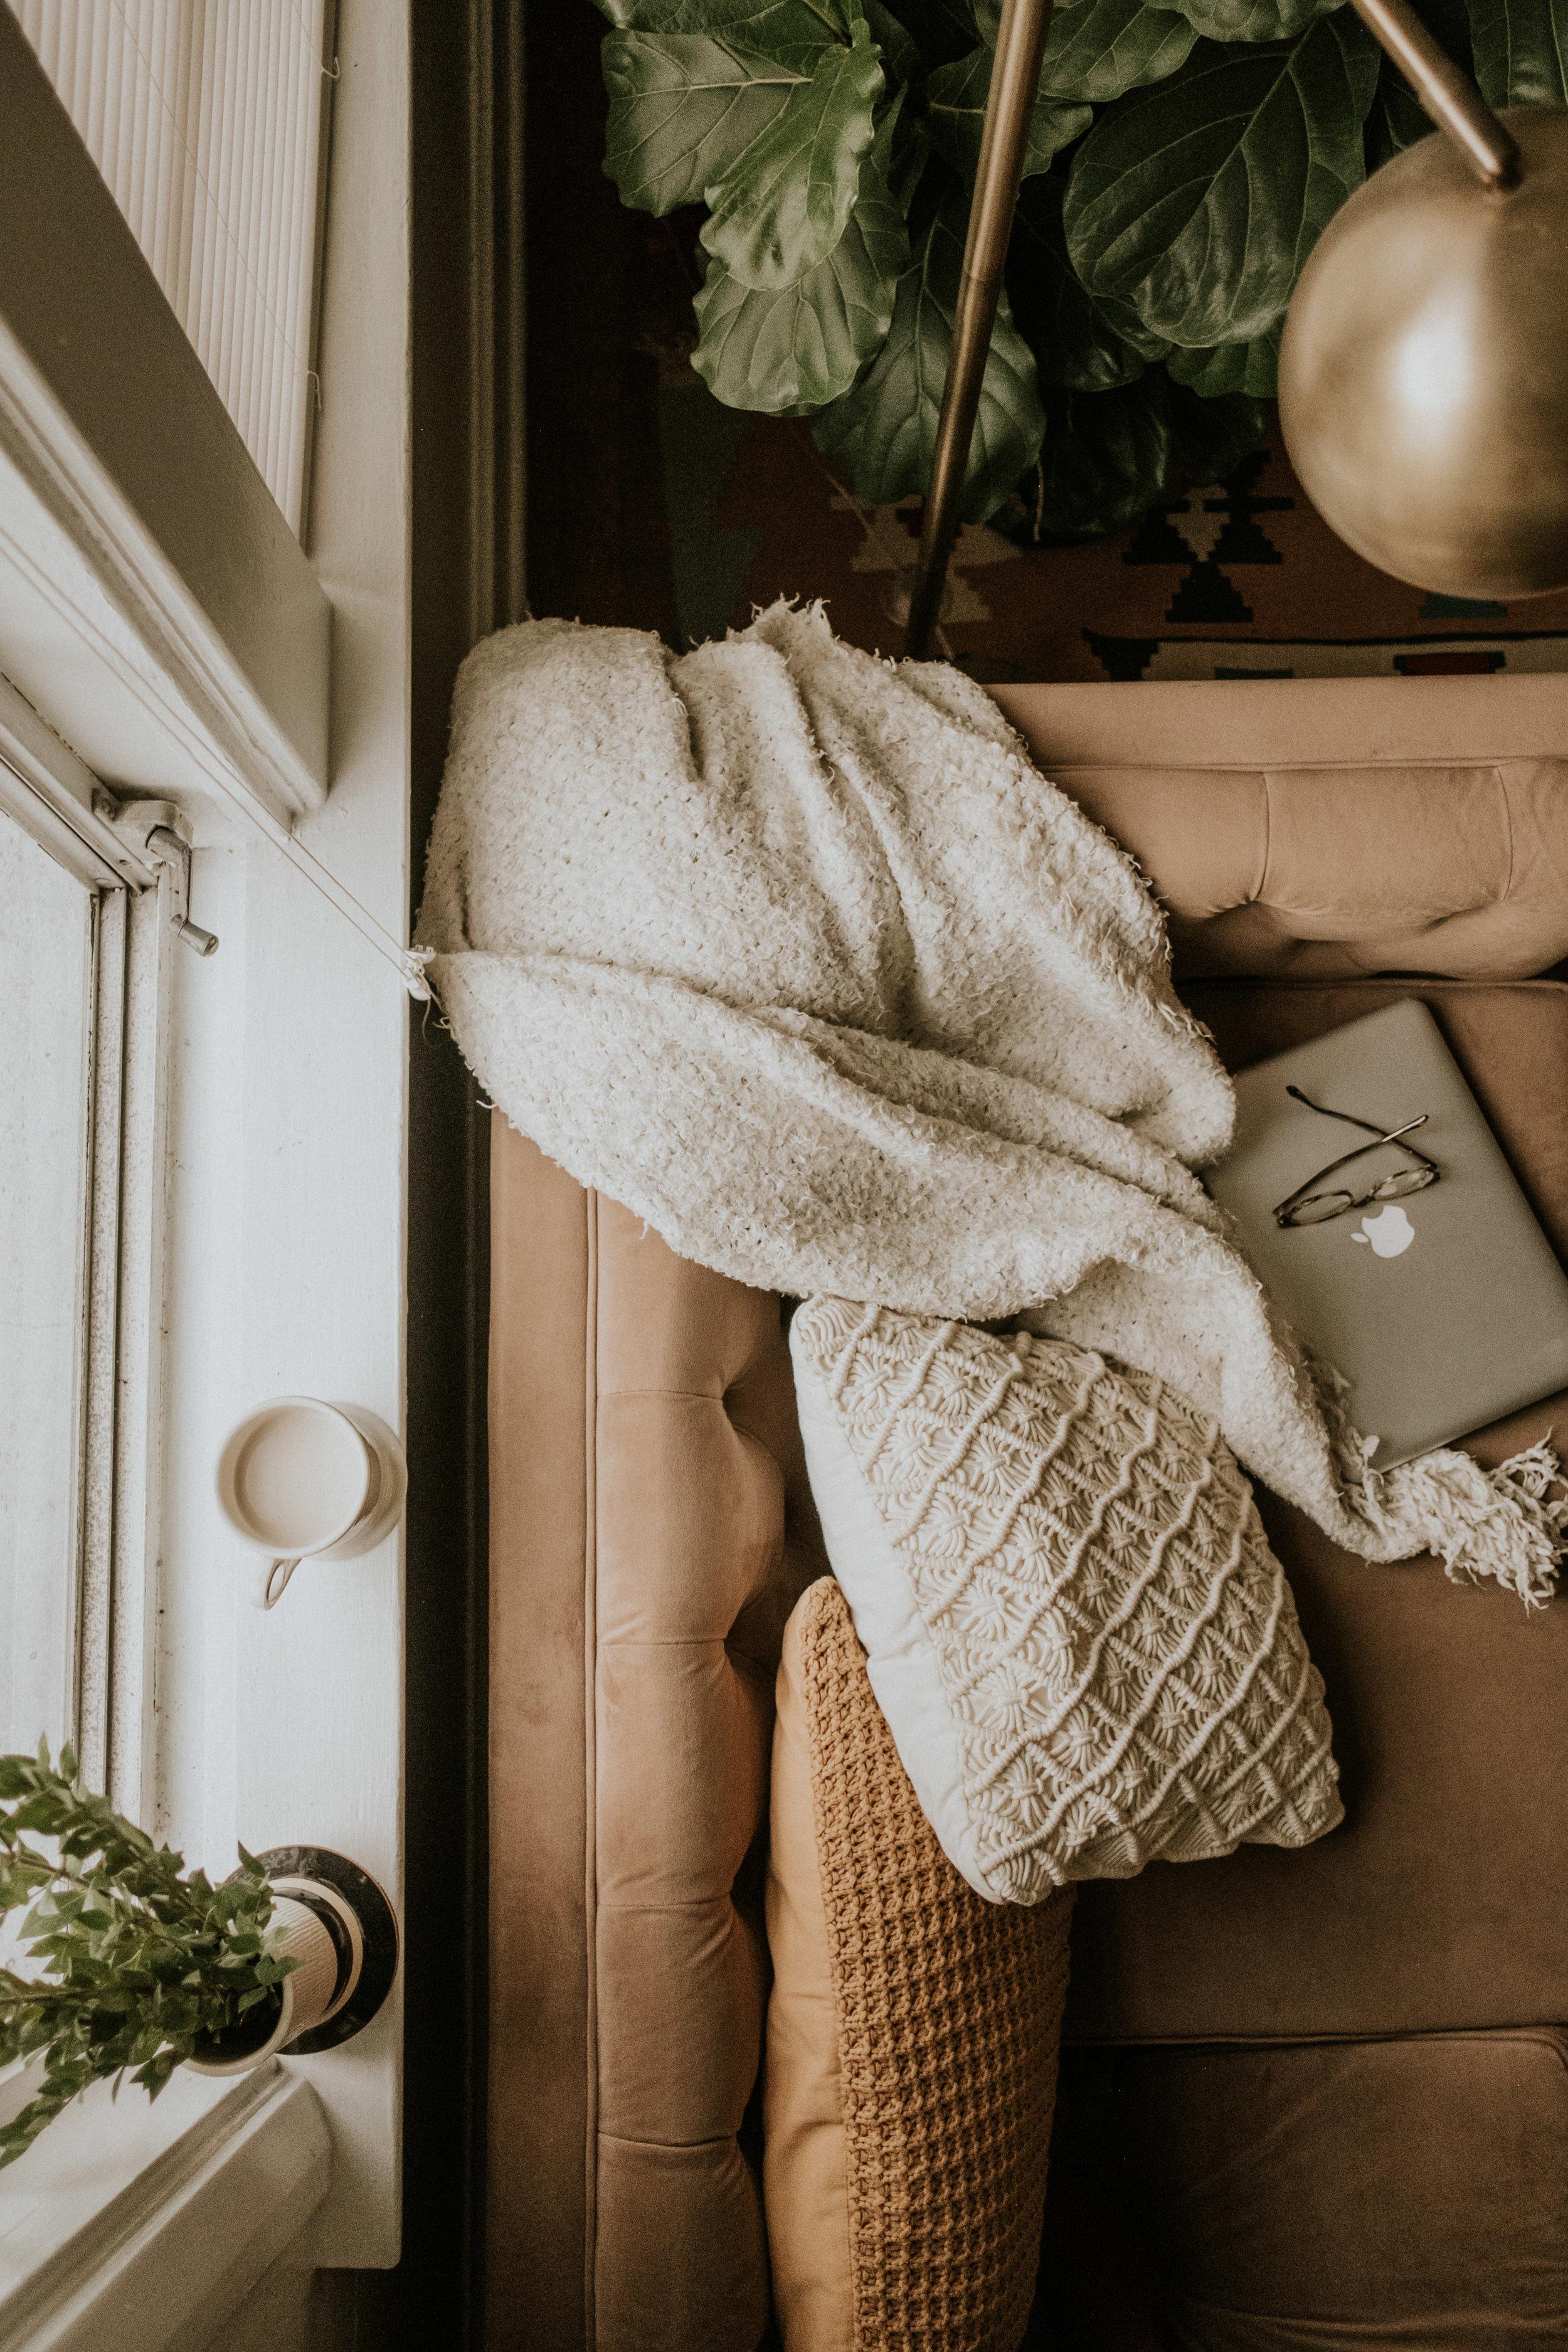 Lamp+Pillows: Target